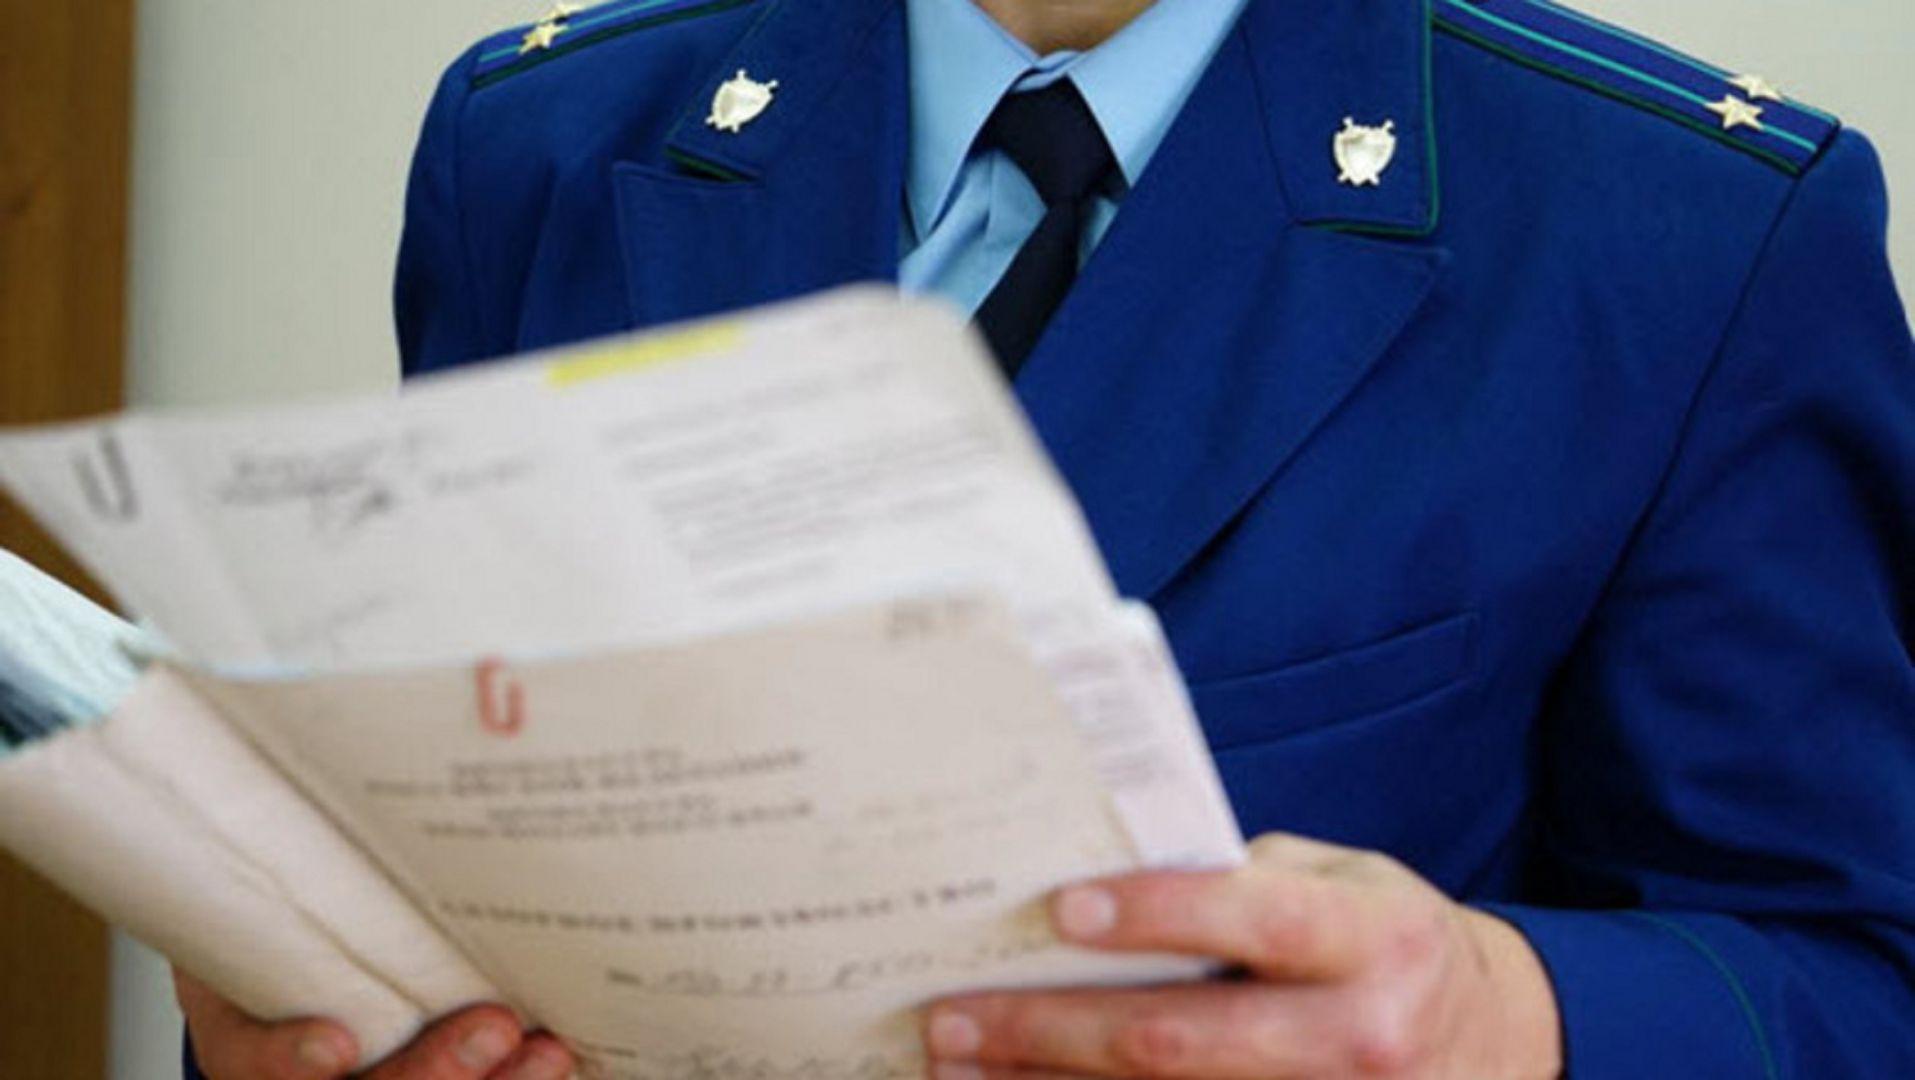 Прокуратура начала проверку после публикации о последствиях ливневых дождей, прошедших в Ставрополе